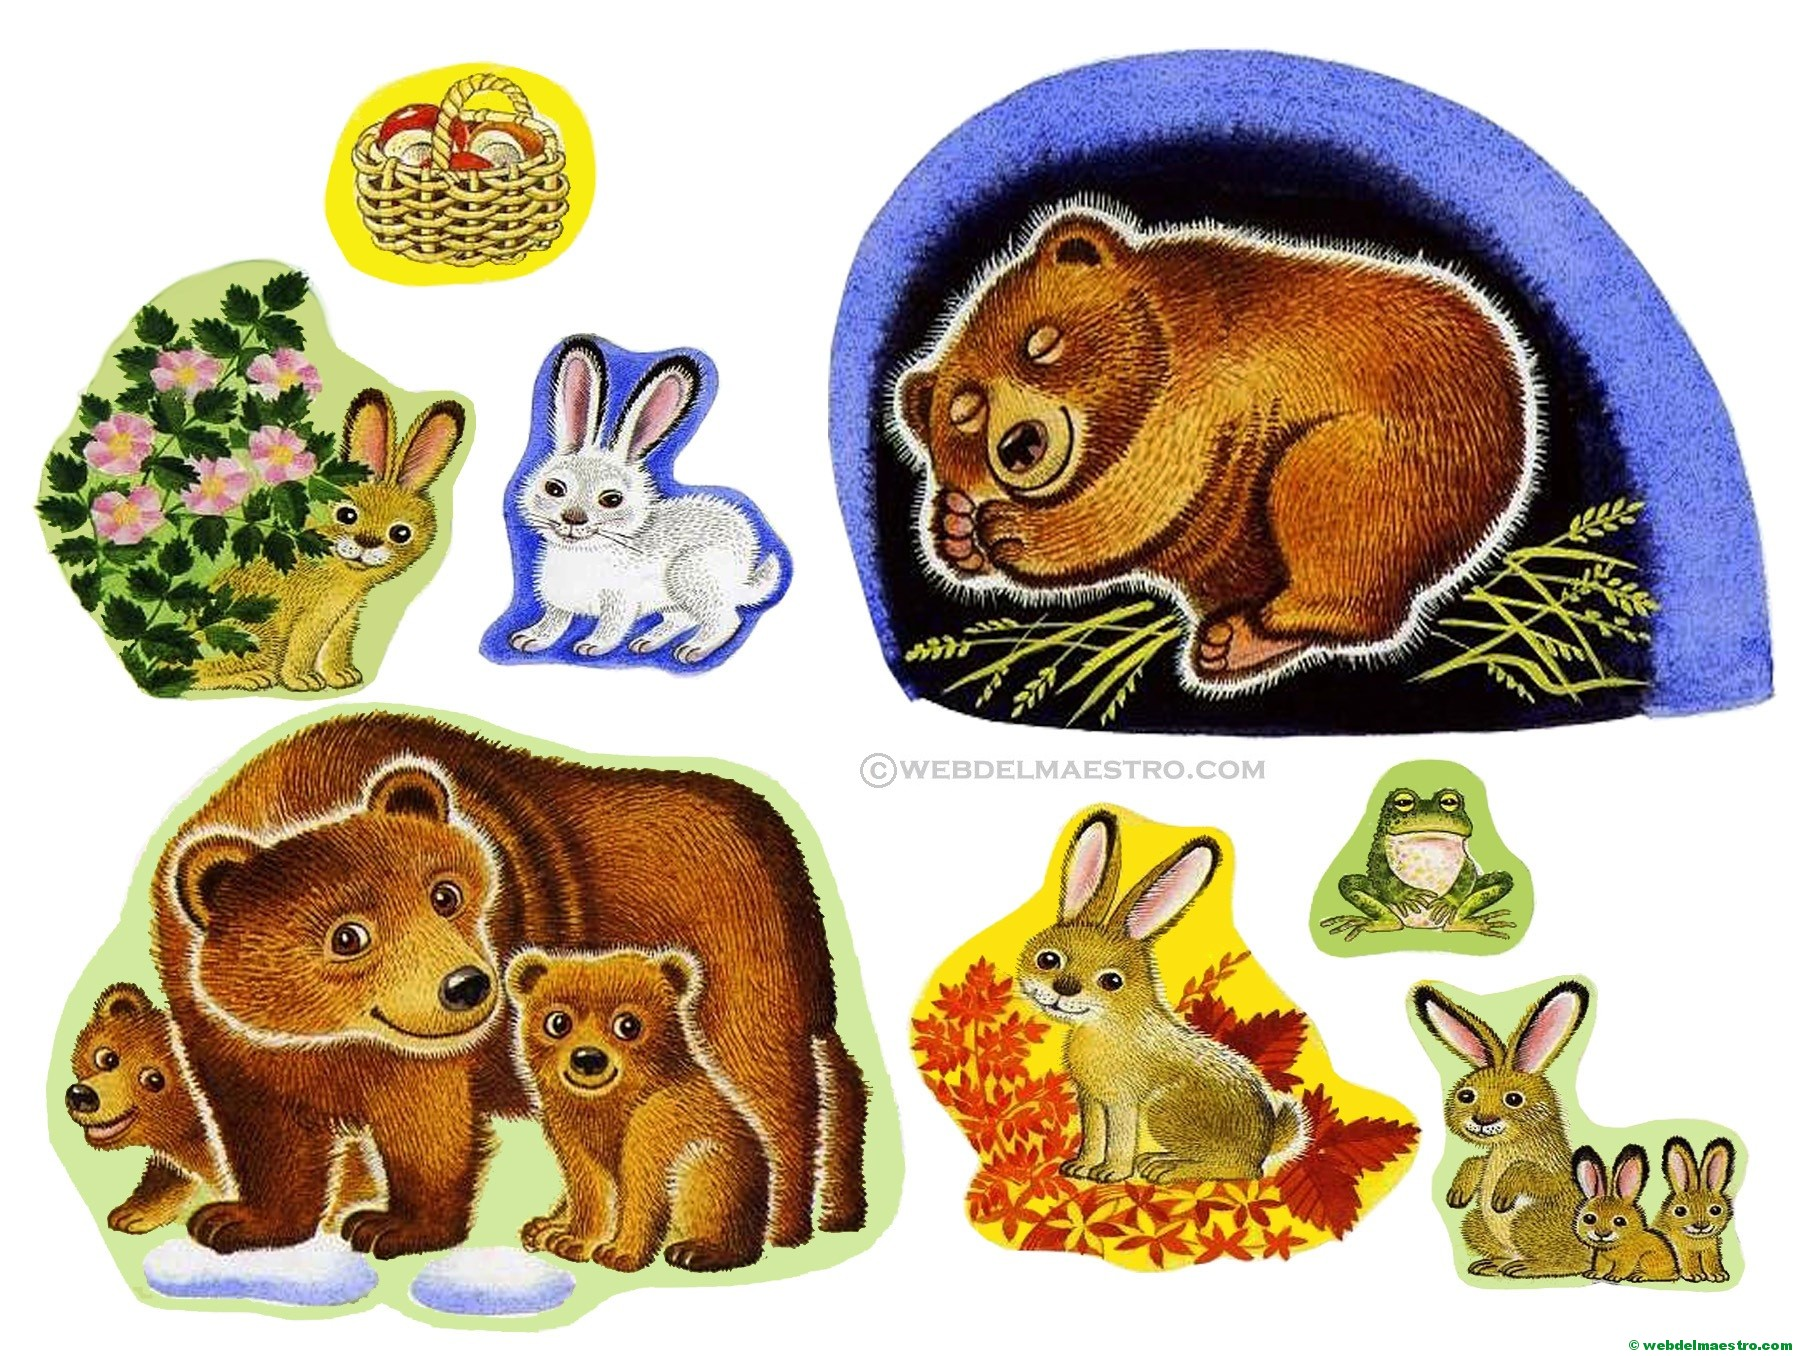 Las estaciones del año para niños - Imágenes para imprimir - Web del ...